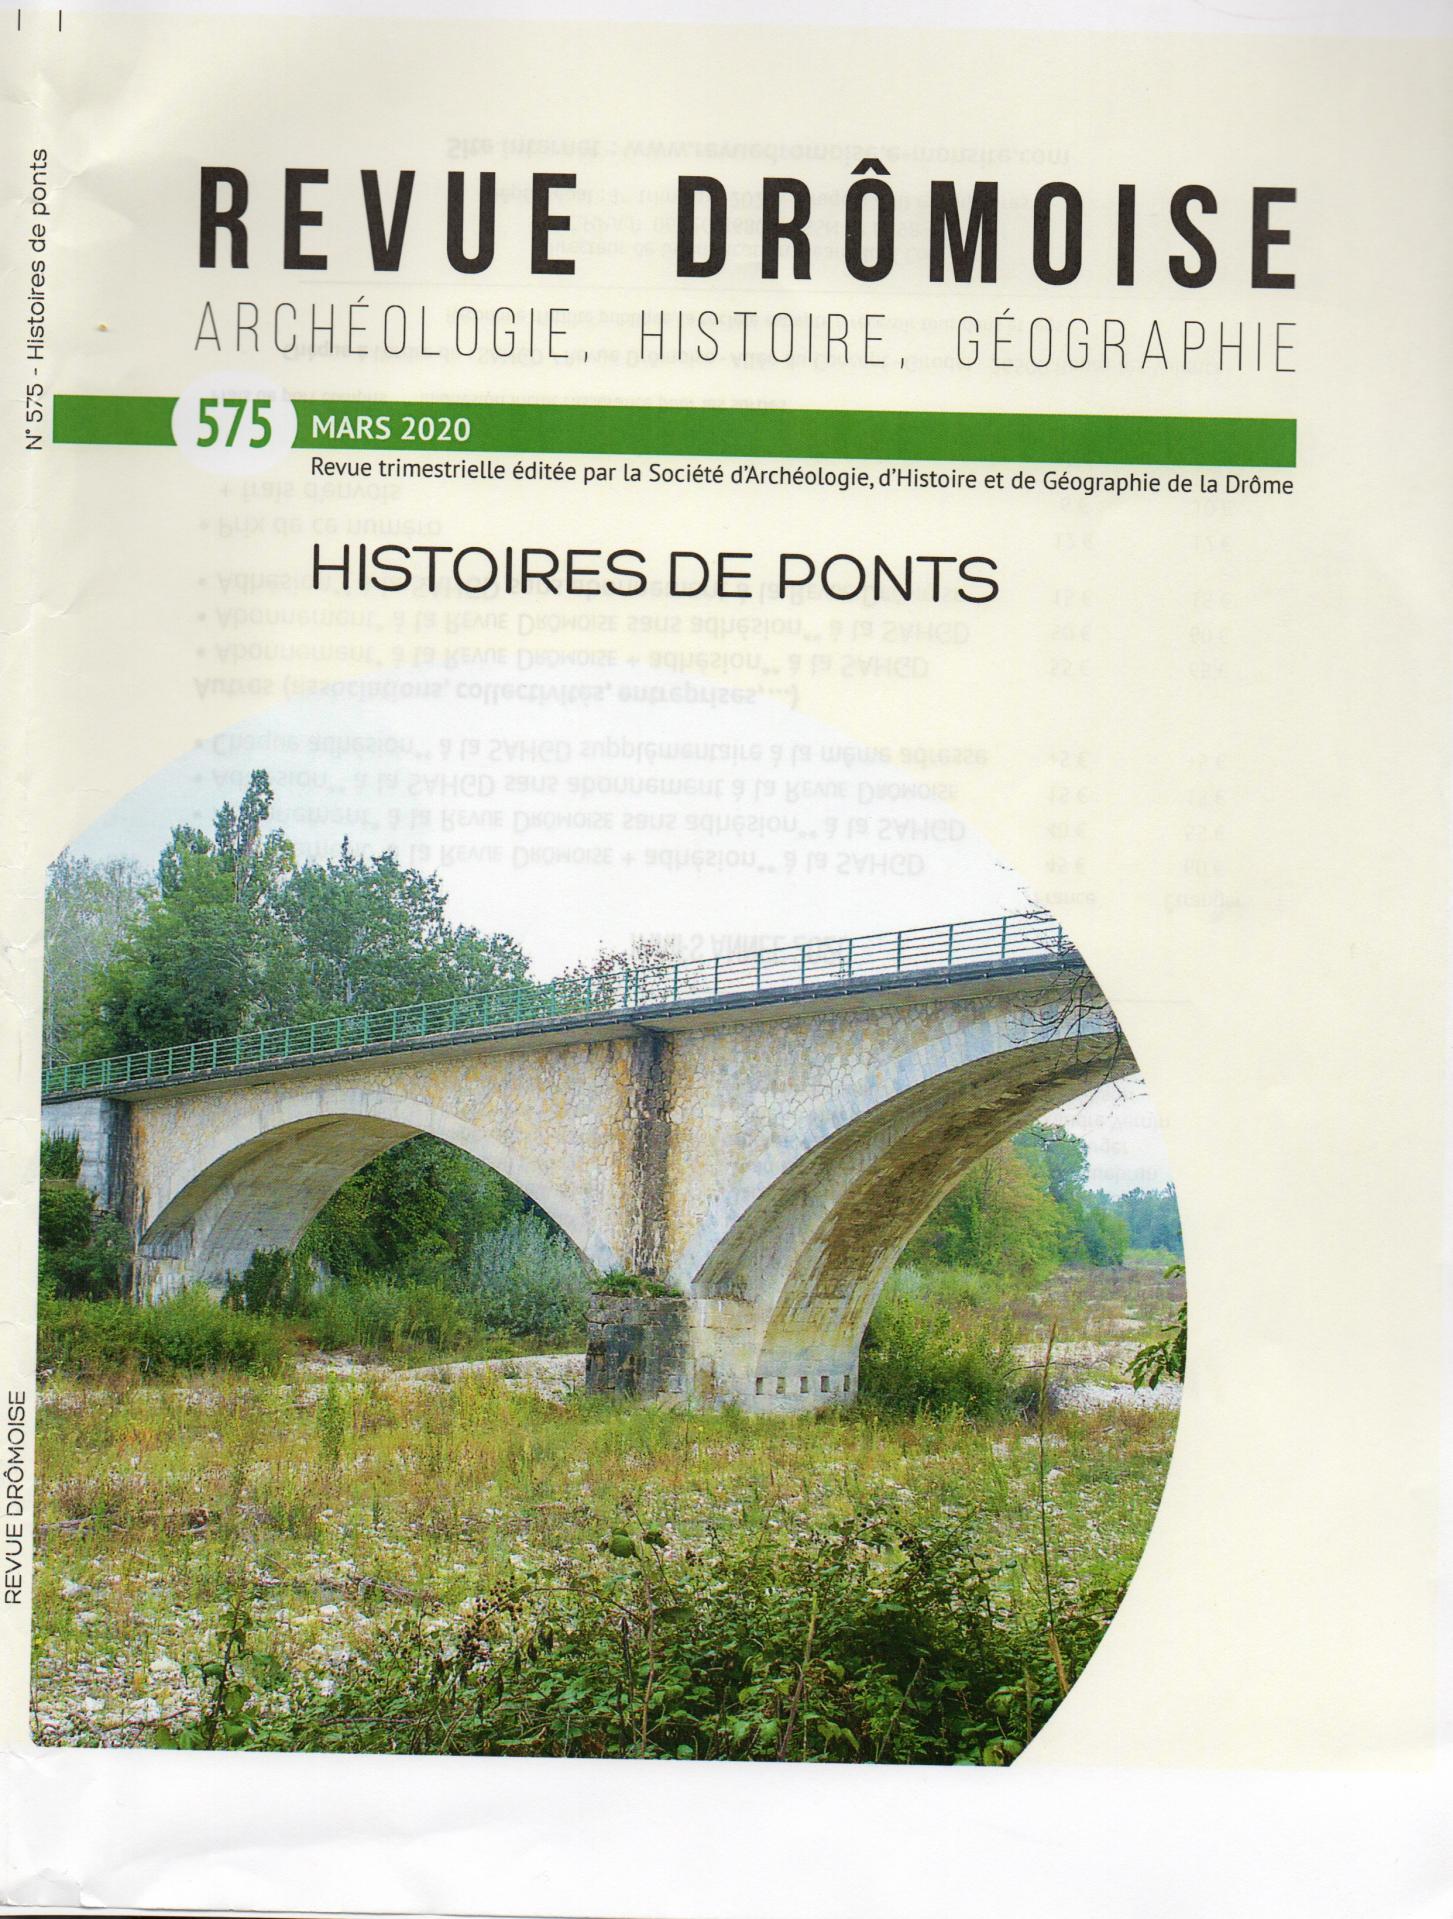 Revue drômoise n° 575